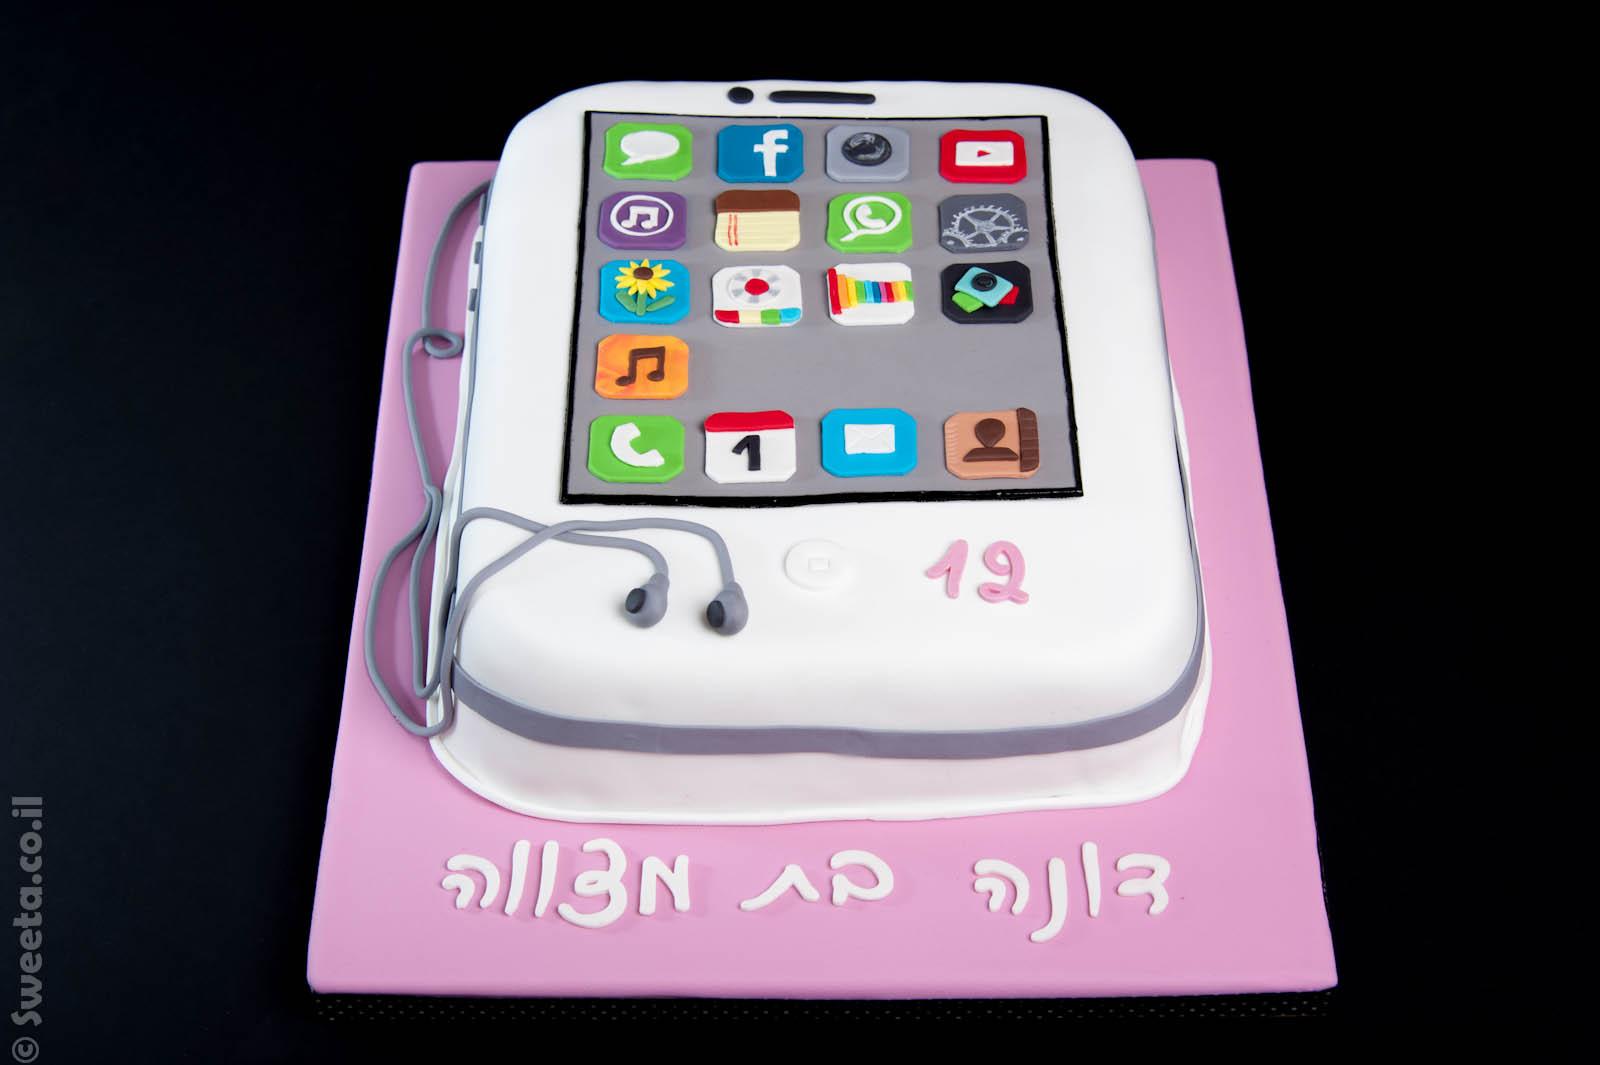 עוגה בצורת אייפון בת מצווה מעוצבת בבצק סוכר עם אפליקציות ואזניות